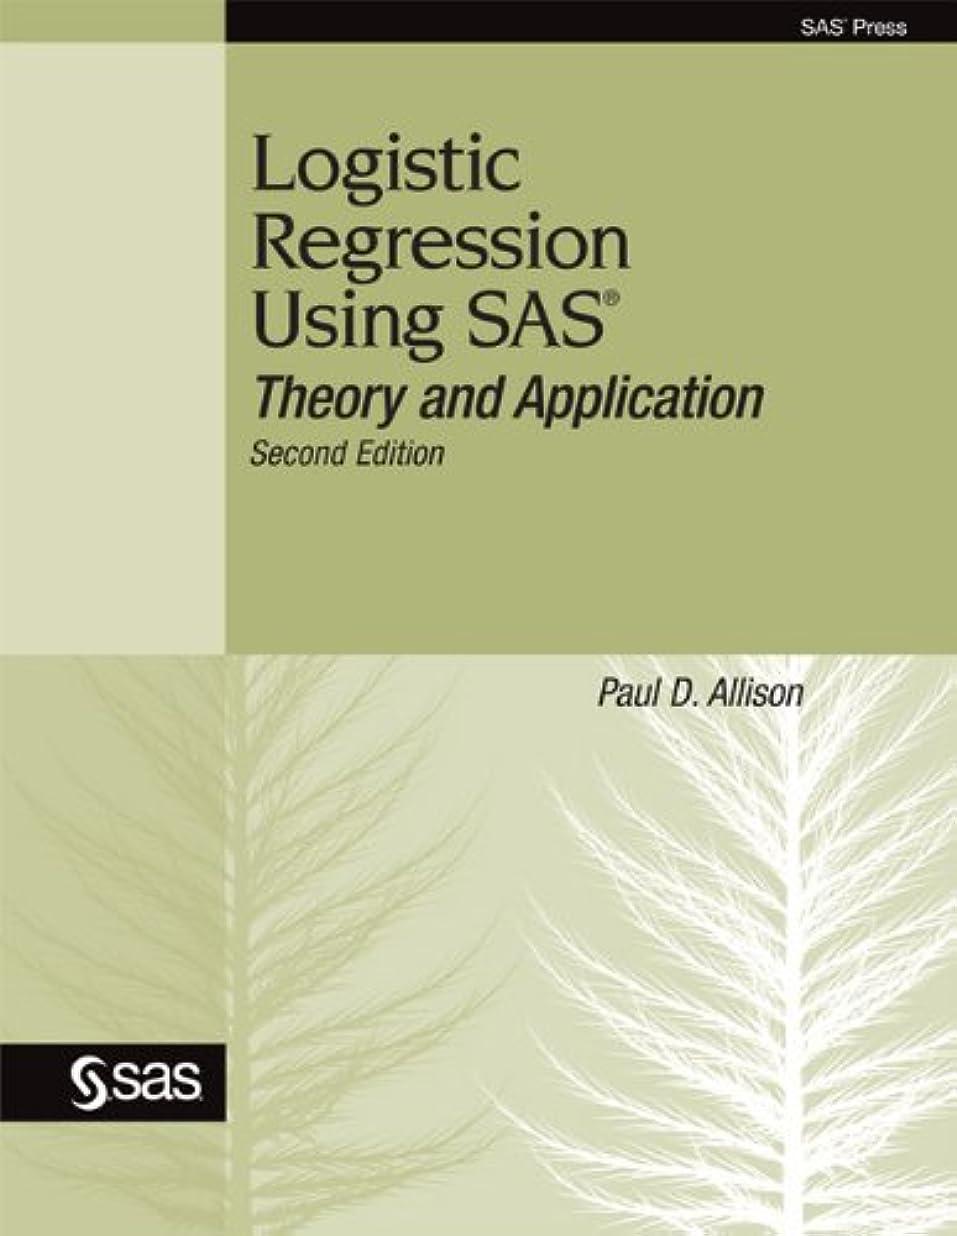 エミュレートする業界みなさんLogistic Regression Using SAS: Theory and Application, Second Edition (English Edition)